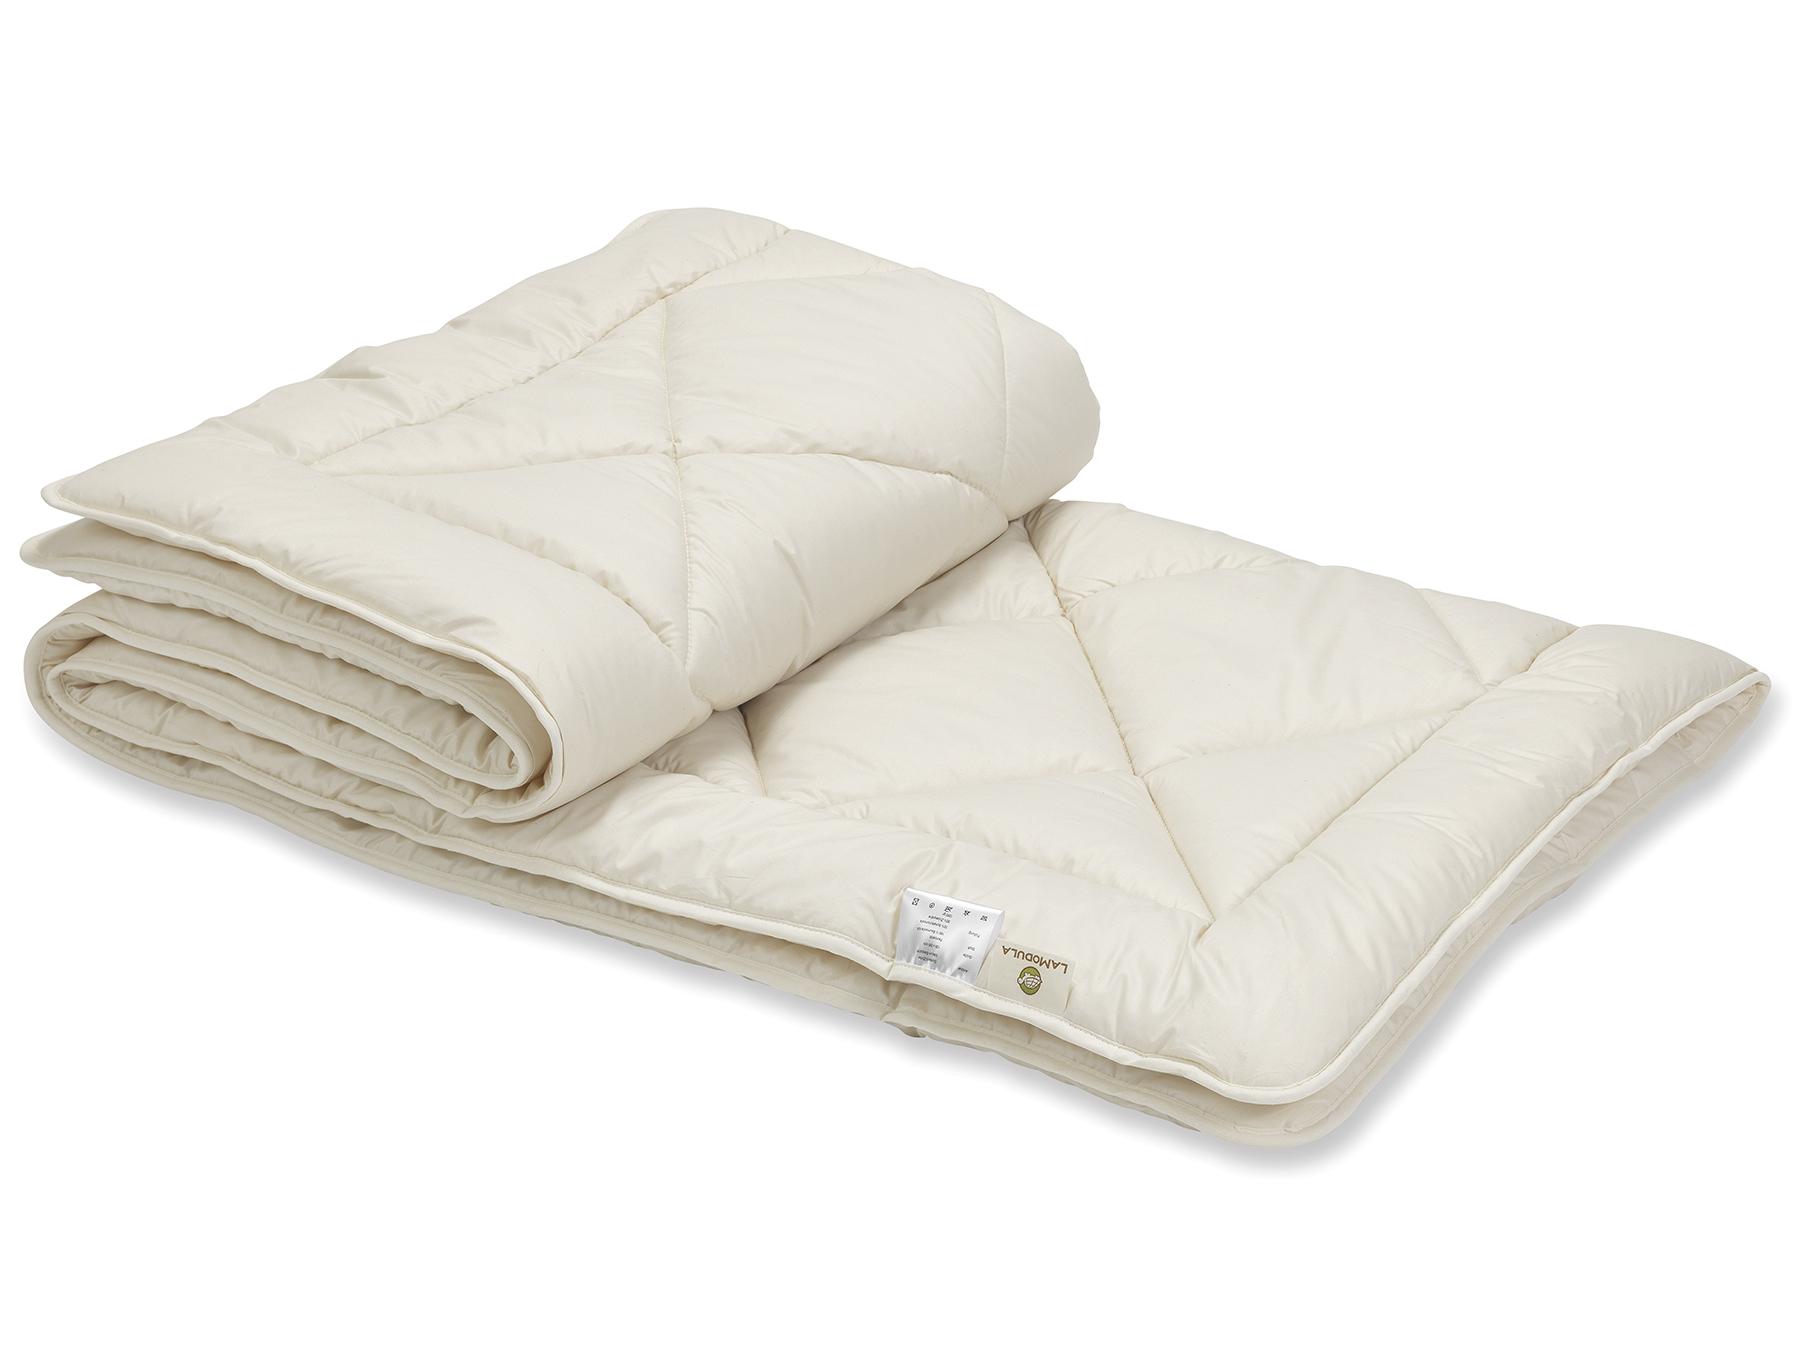 Die Medium-Decke eignet sich besonders für die Übergangszeit.